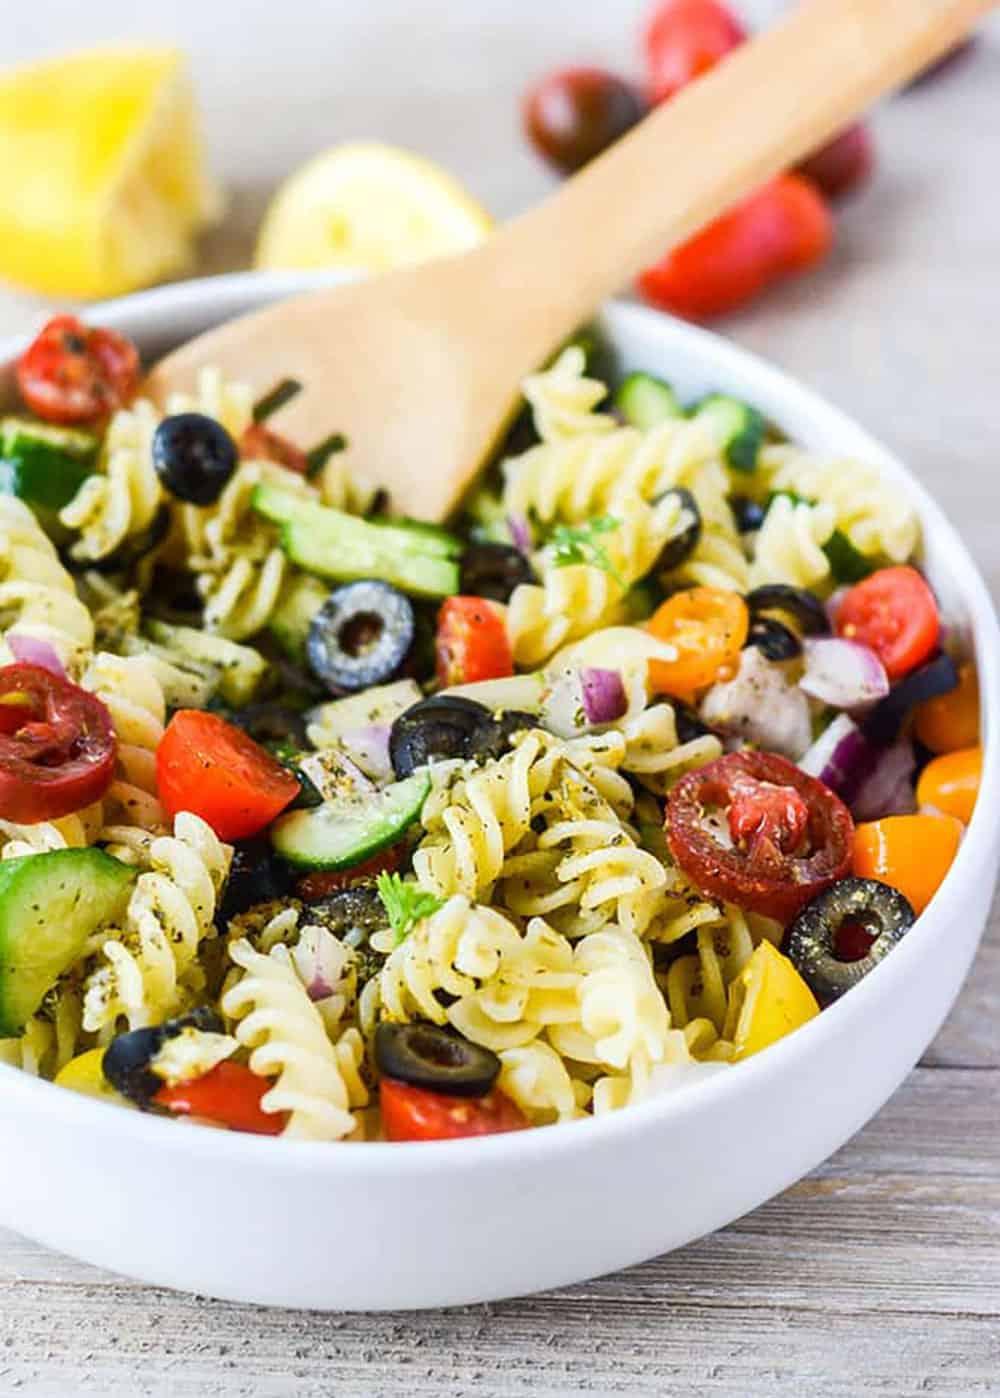 24 Vegan Pasta Salads Italian Pasta Salad with pasta, veggies in a hite bowl